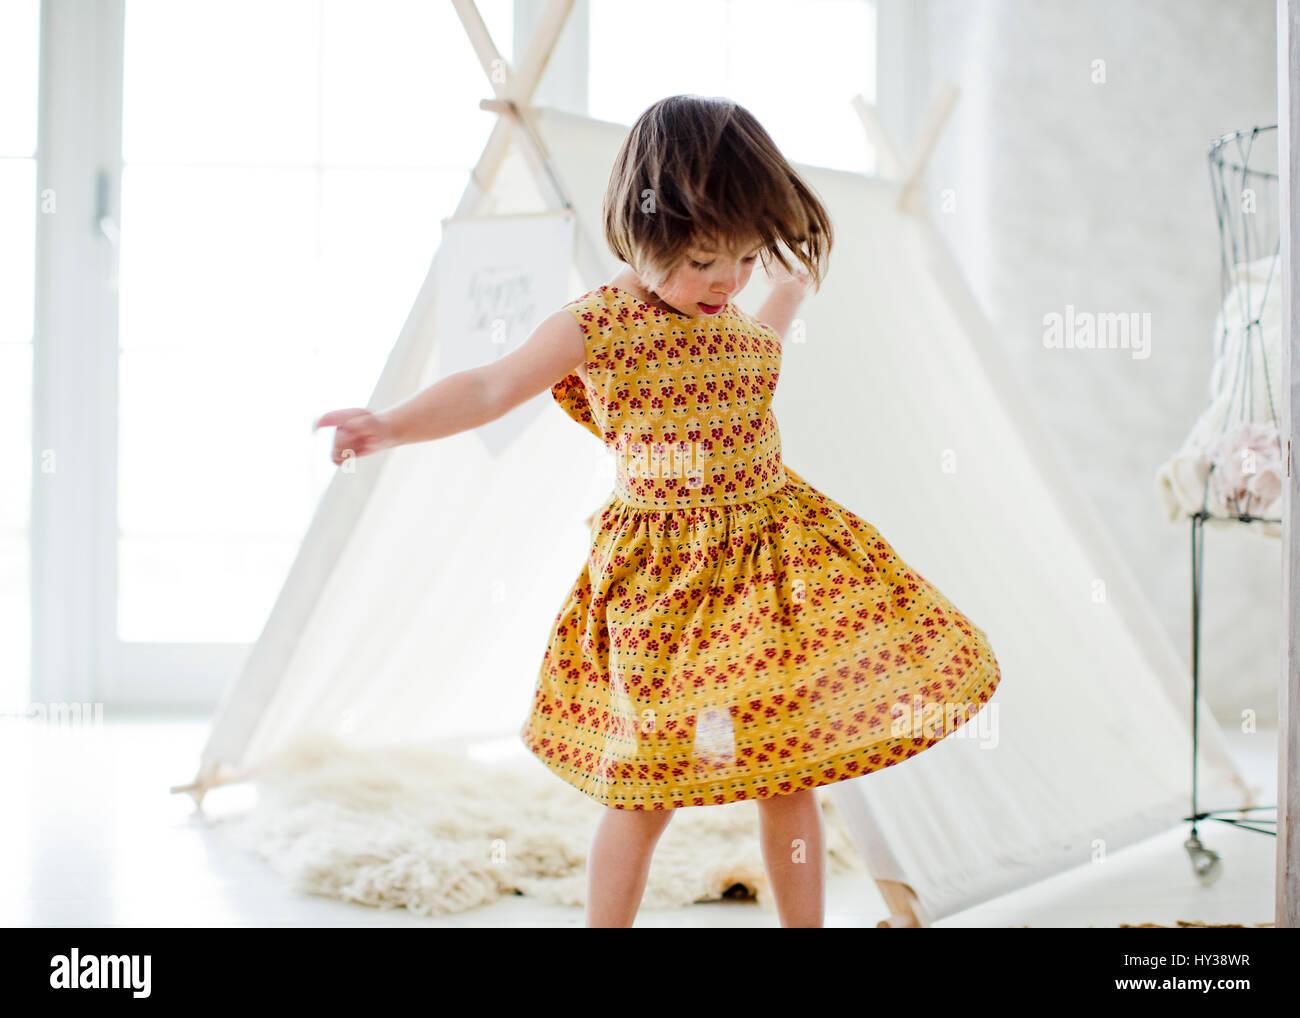 La Suède, girl (4-5) danser à côté de la tente à la maison Photo Stock